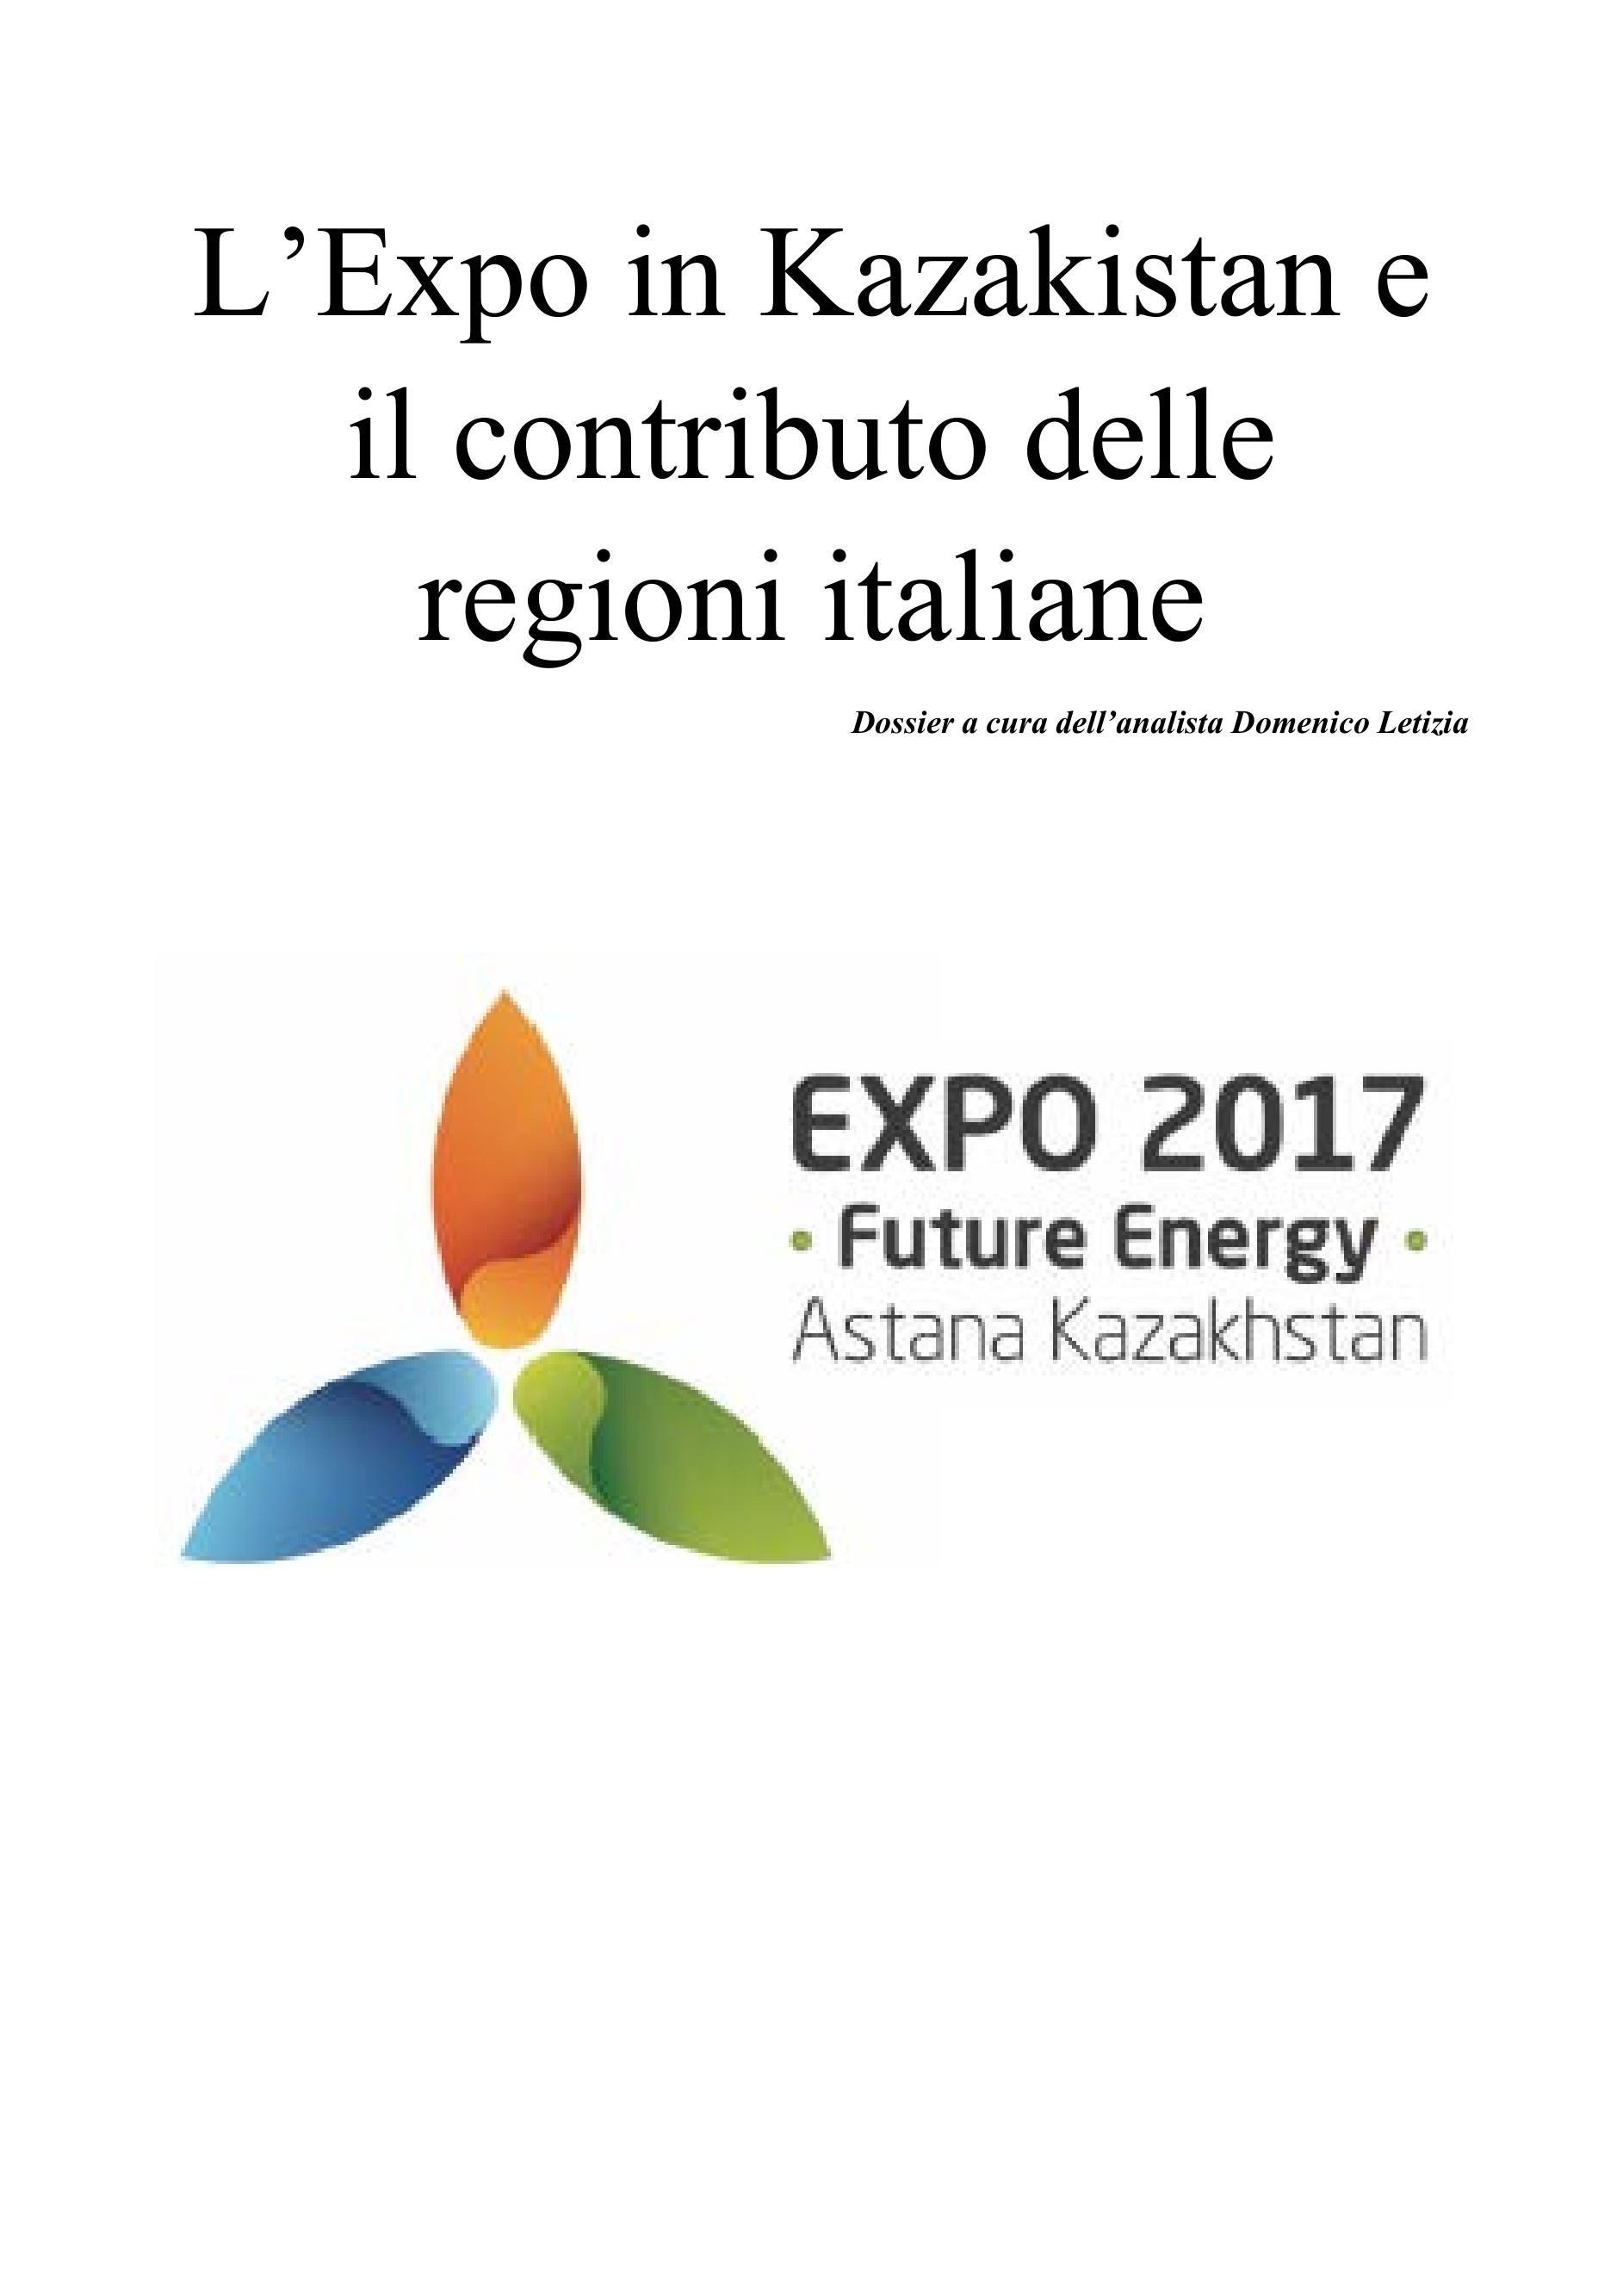 L'Expo in Kazakistan e il contributo delle Regioni Italiane